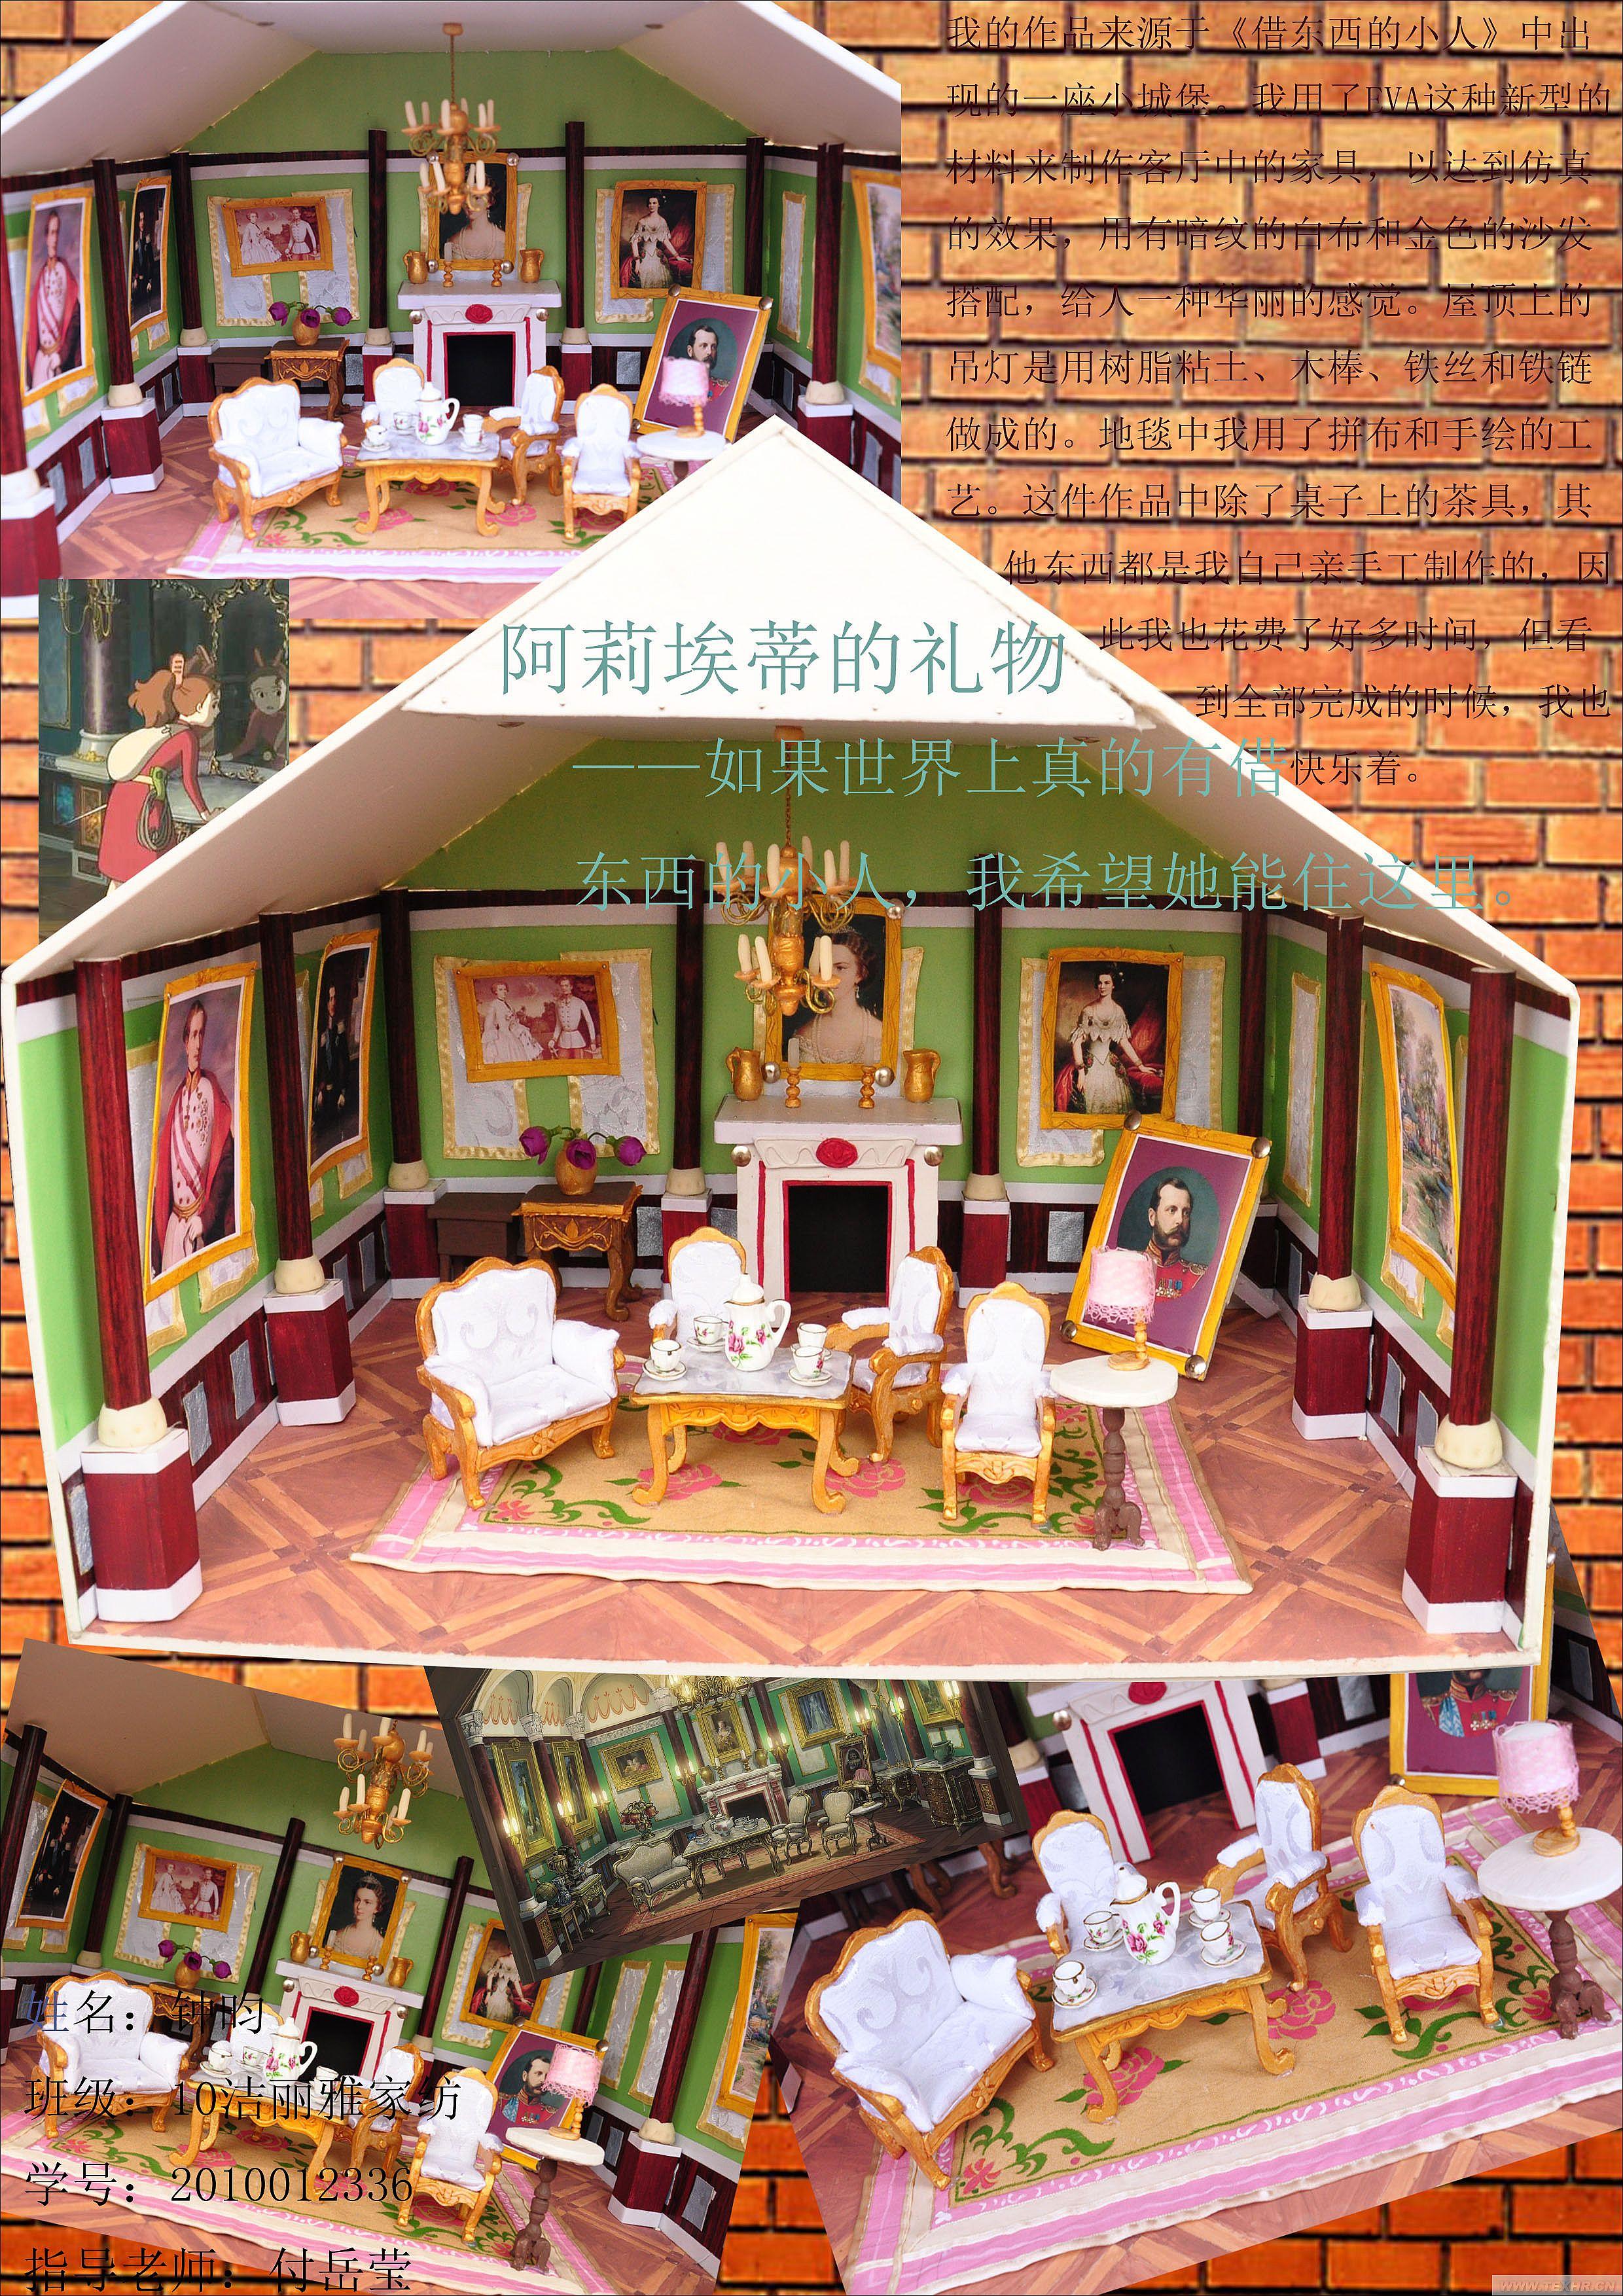 本作品是以宫崎骏的一部动漫《借东西的小人》里的小房子为原型纯手工制作的房子。家具用EVA制作,地毯为纺织品手绘,吊灯用树脂粘土制作。整体展示了欧式客厅的华丽。